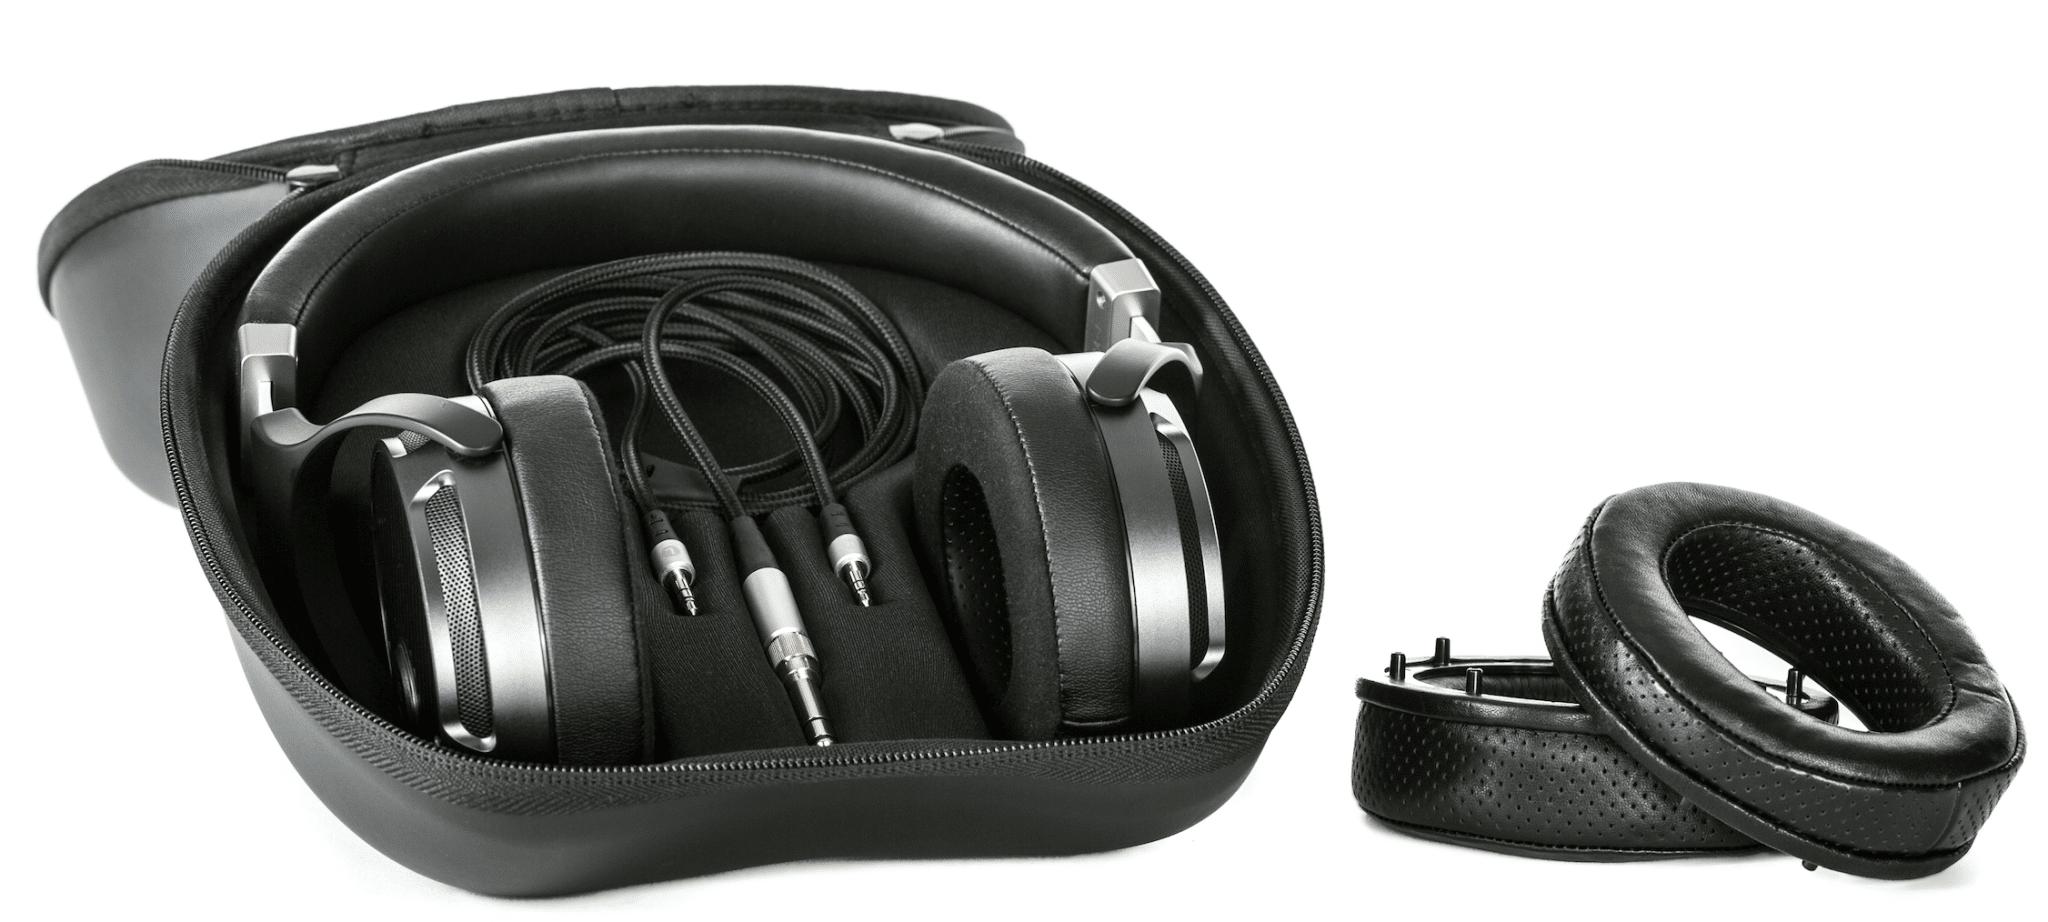 ERA-1 headphones From Quad